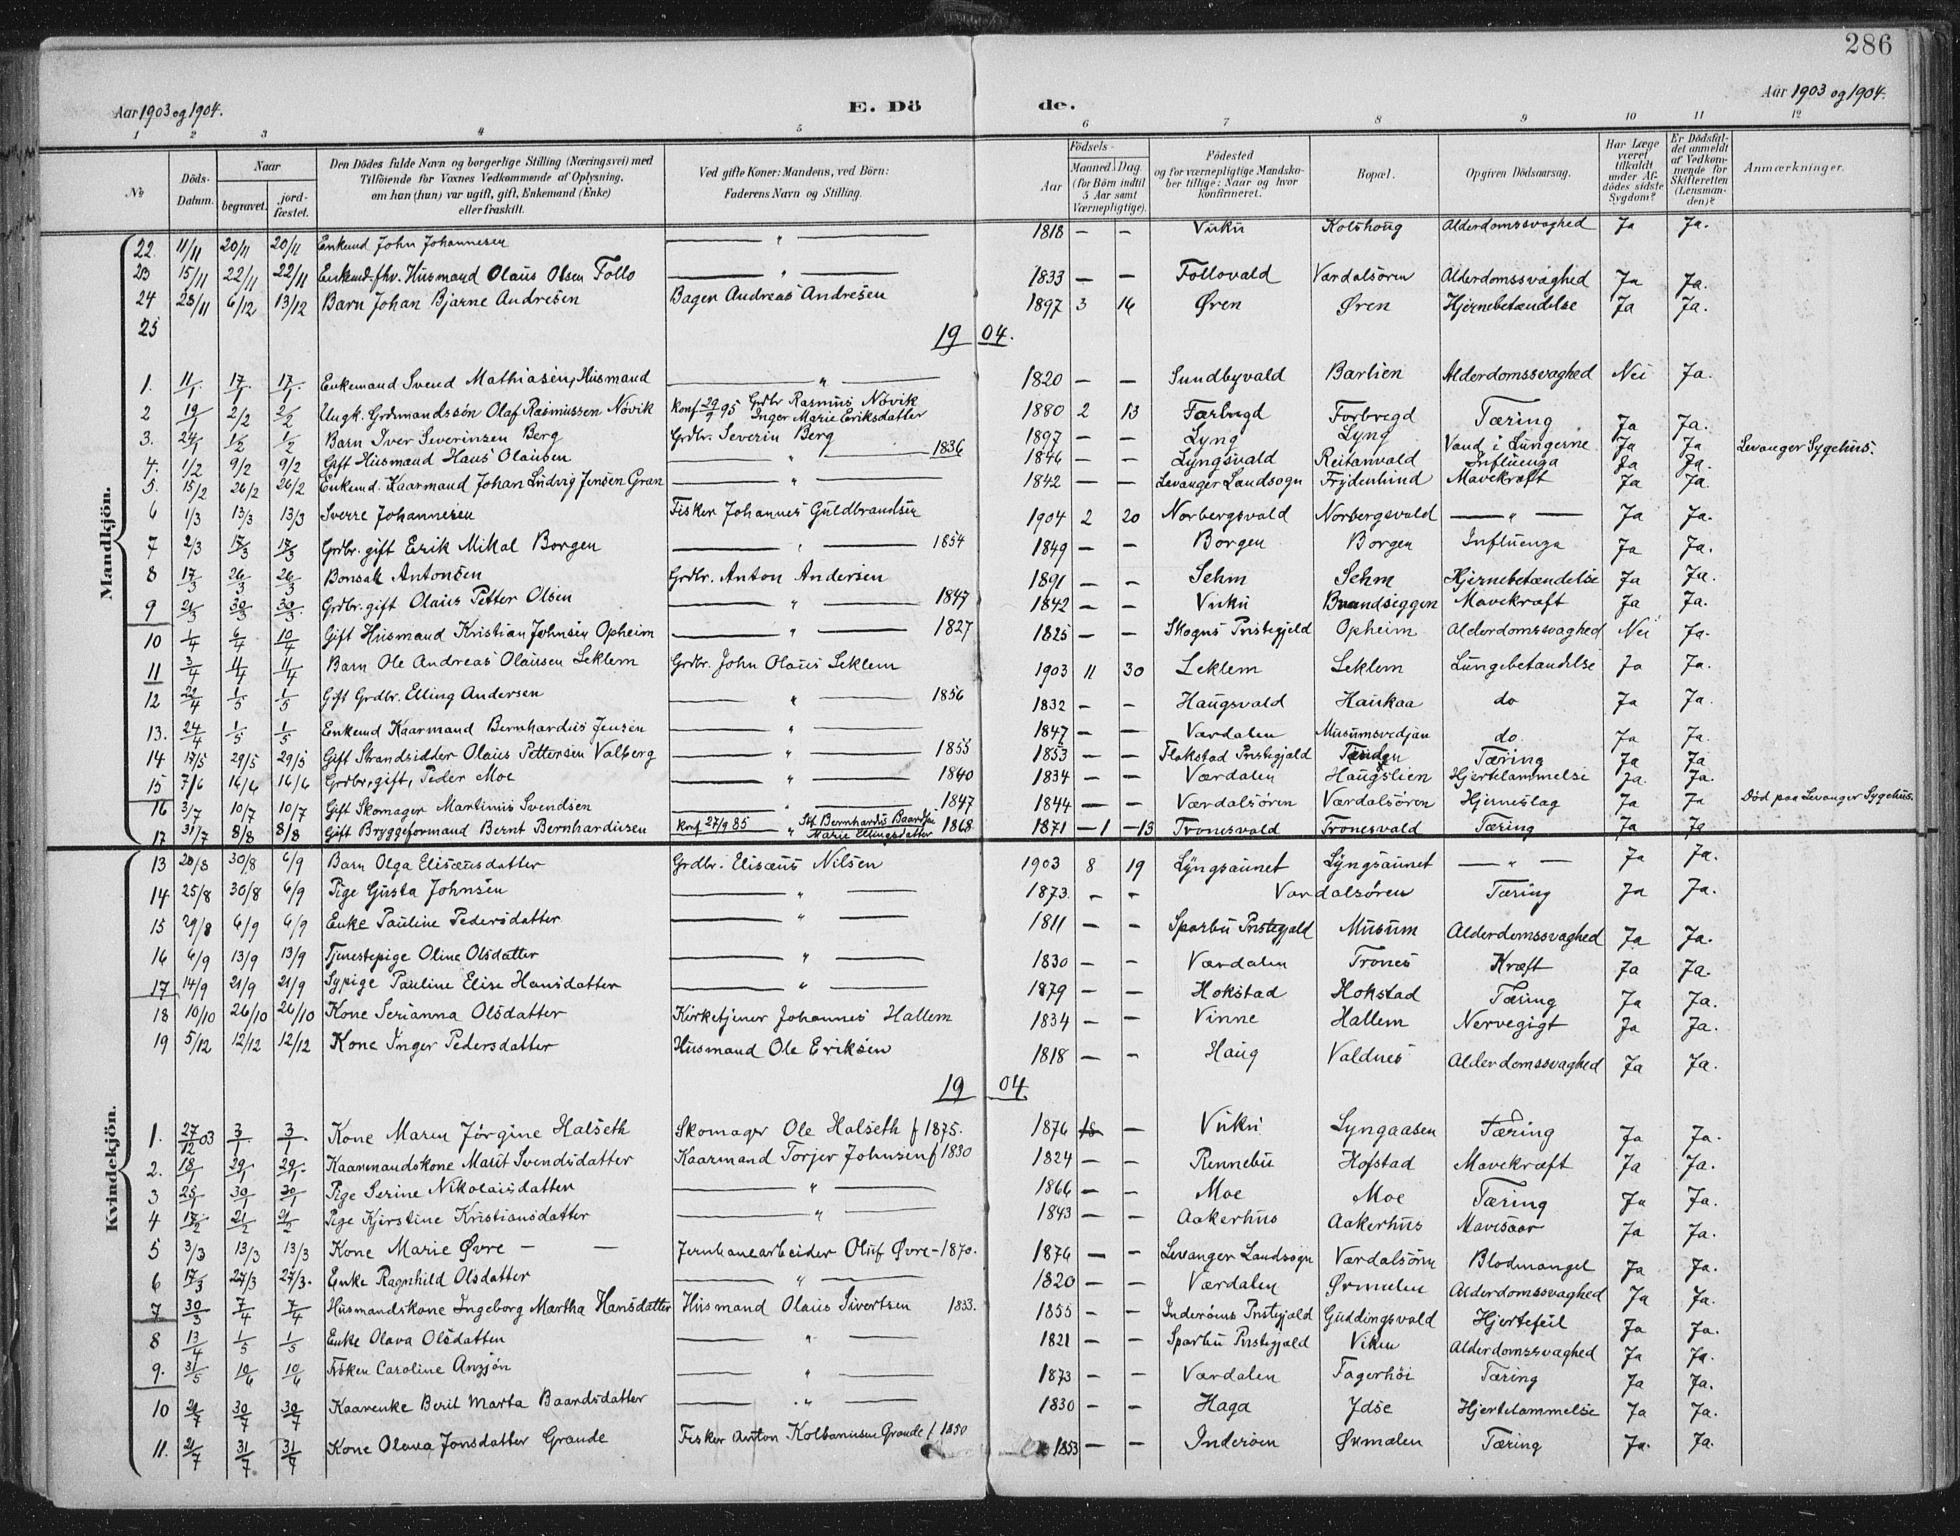 SAT, Ministerialprotokoller, klokkerbøker og fødselsregistre - Nord-Trøndelag, 723/L0246: Ministerialbok nr. 723A15, 1900-1917, s. 286